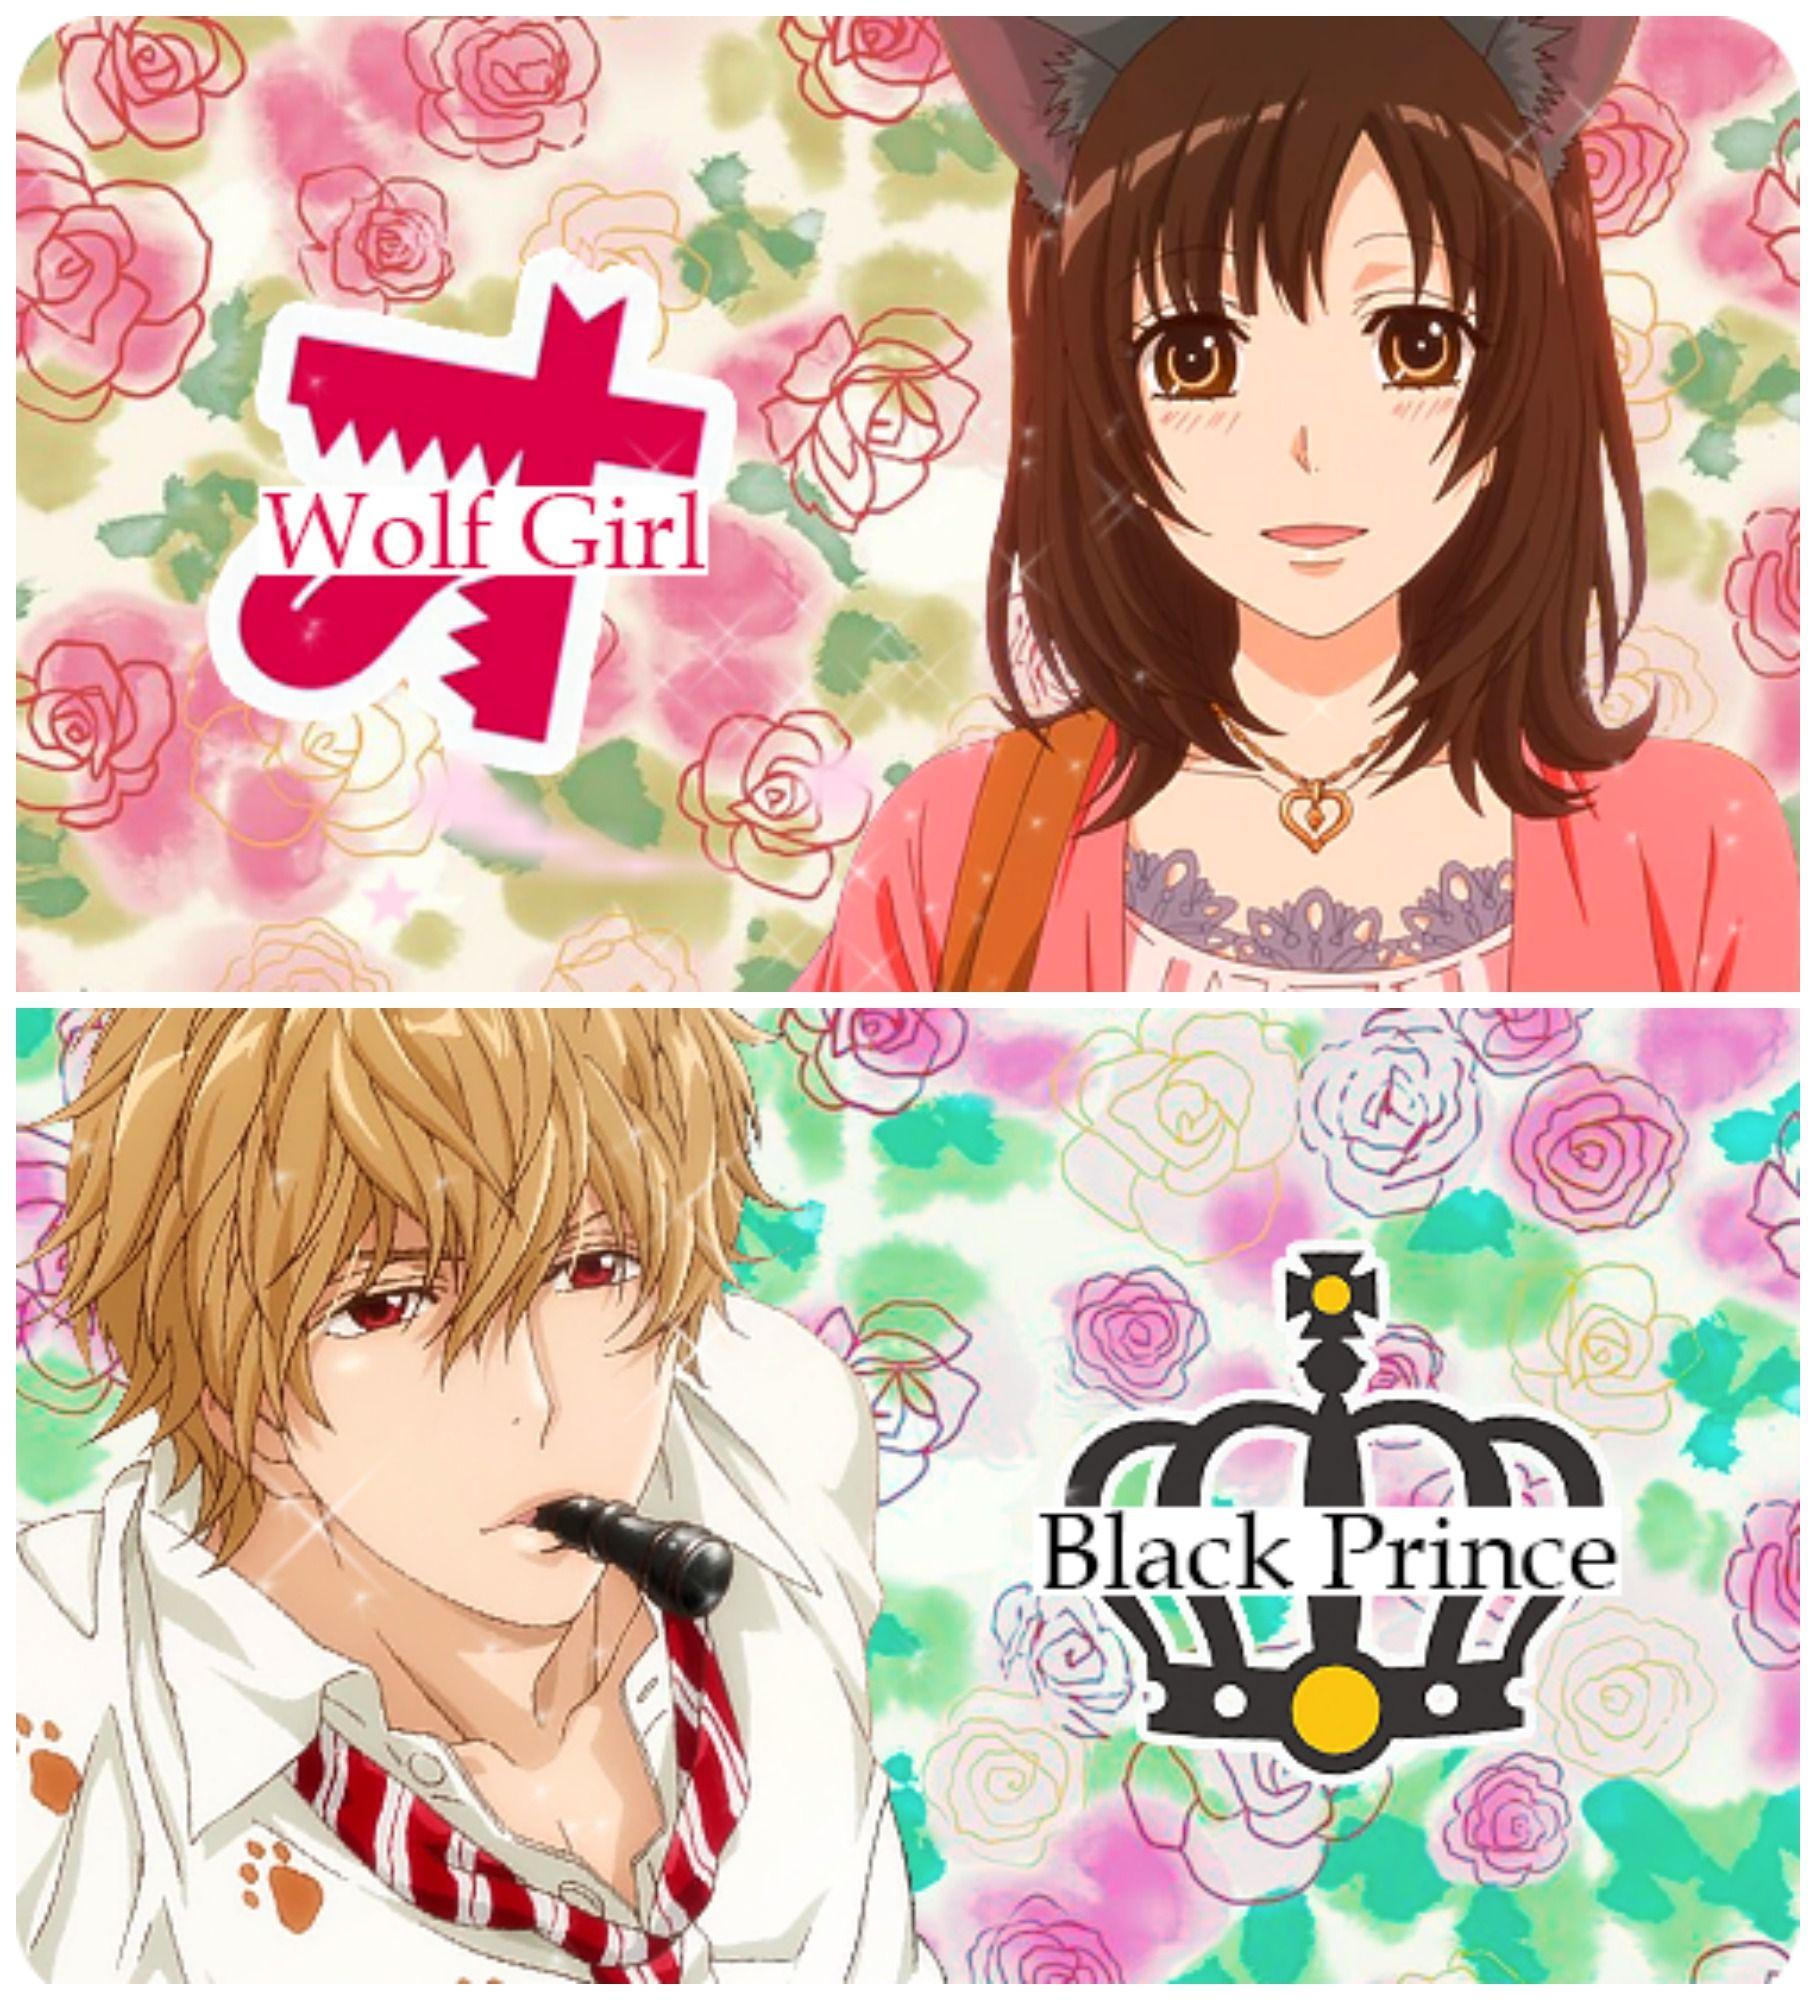 Ookami Shoujo To Kuro Ouji (Wolf Girl and Black Prince